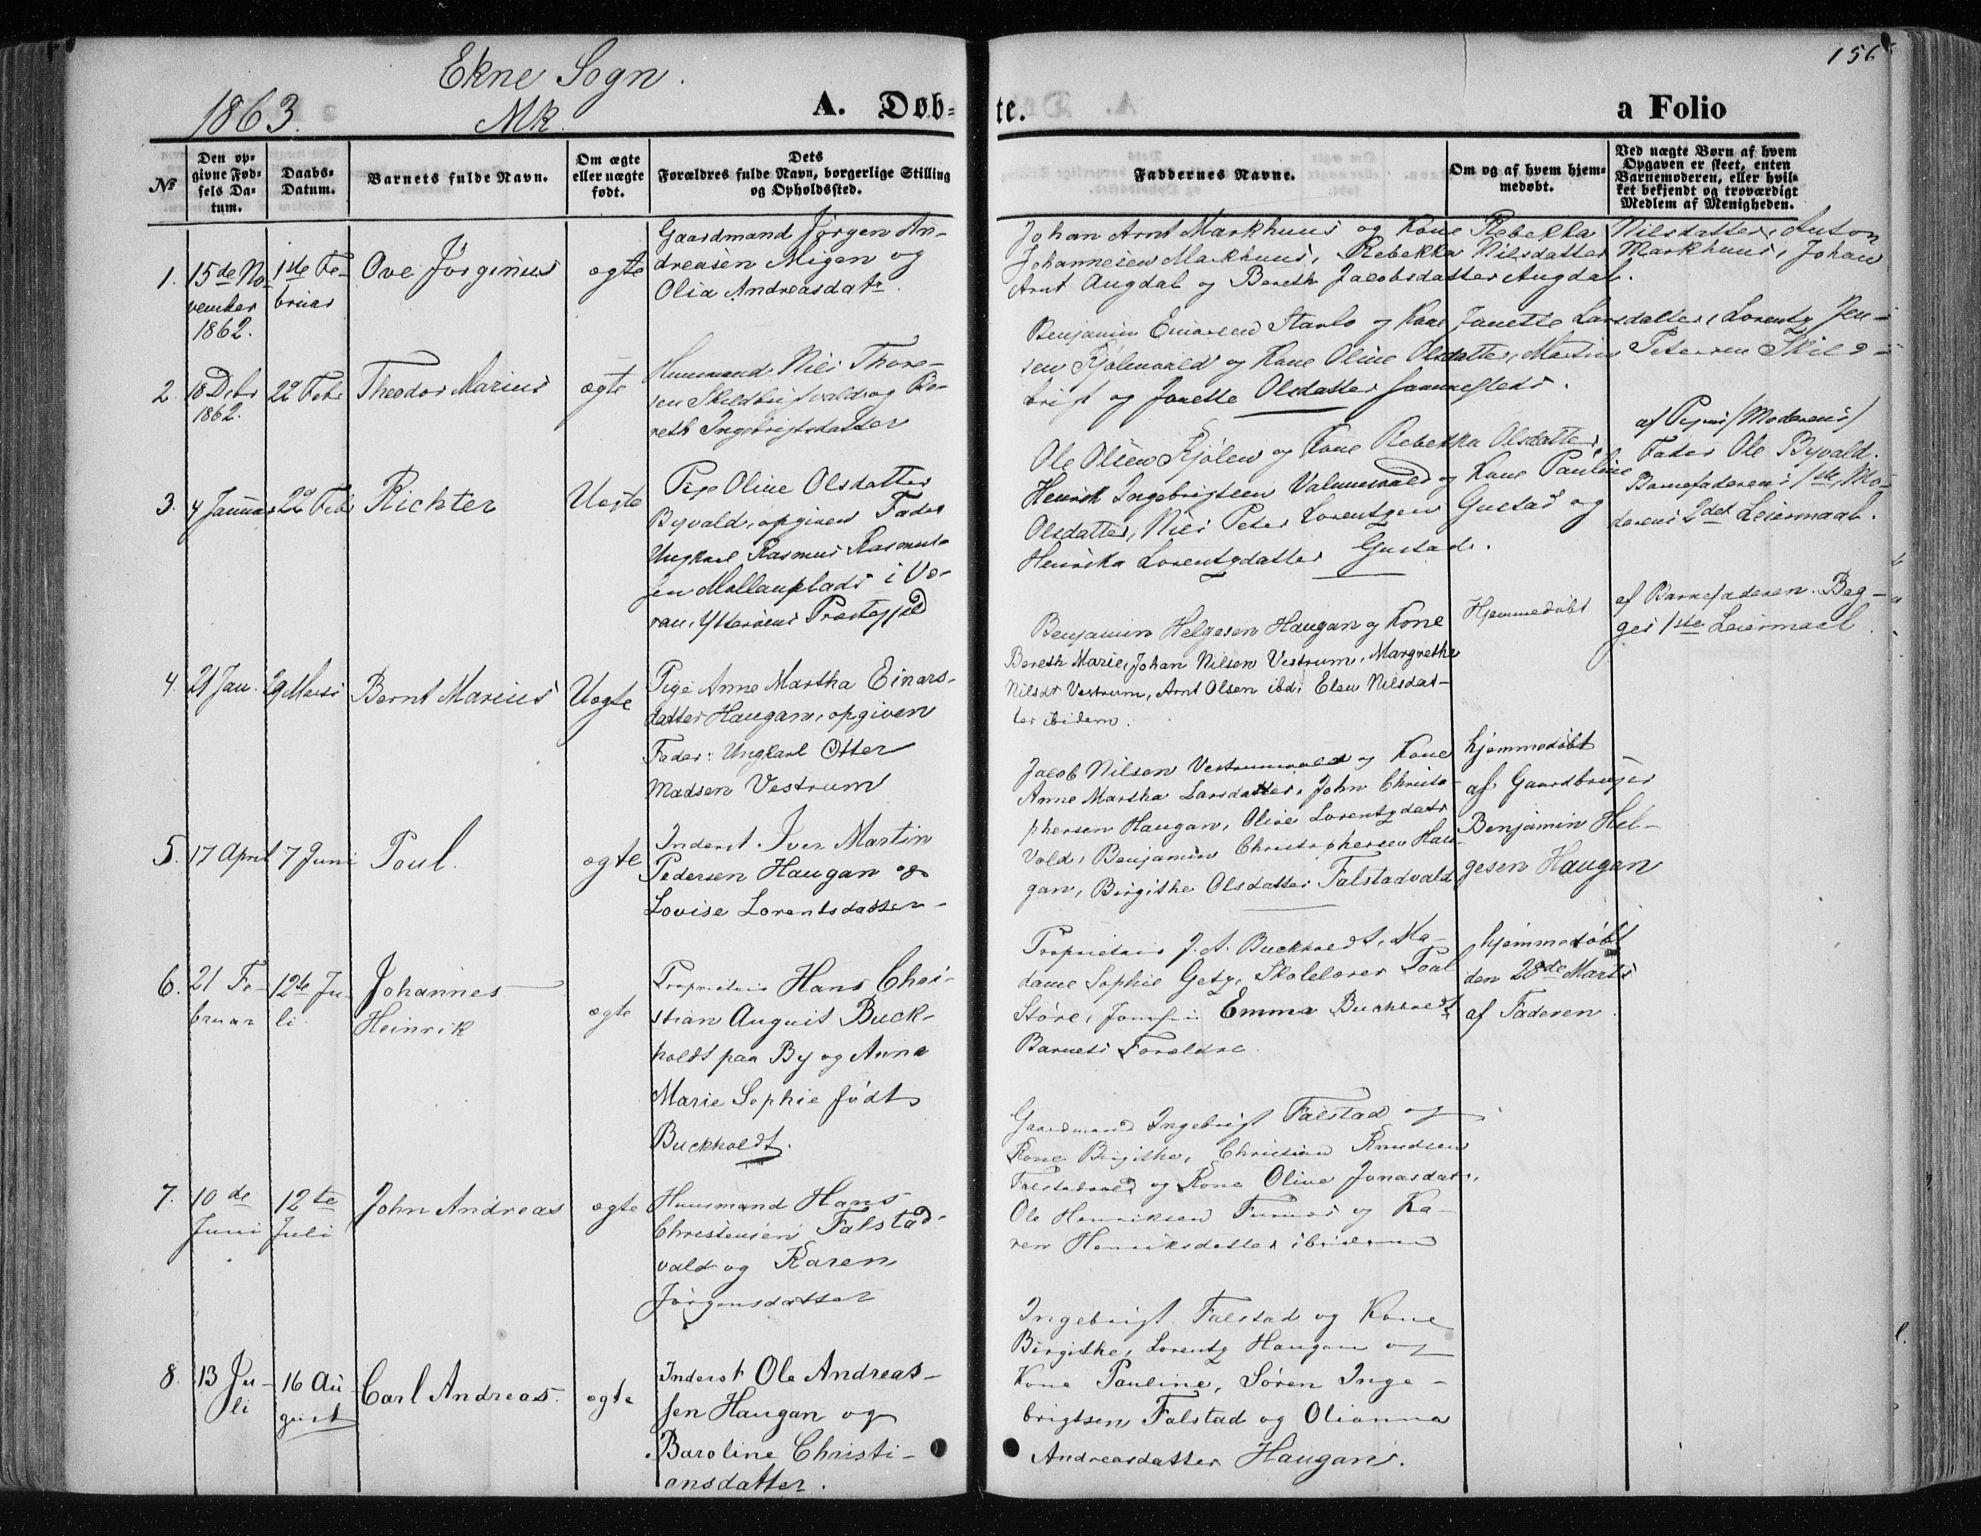 SAT, Ministerialprotokoller, klokkerbøker og fødselsregistre - Nord-Trøndelag, 717/L0158: Ministerialbok nr. 717A08 /2, 1863-1877, s. 156